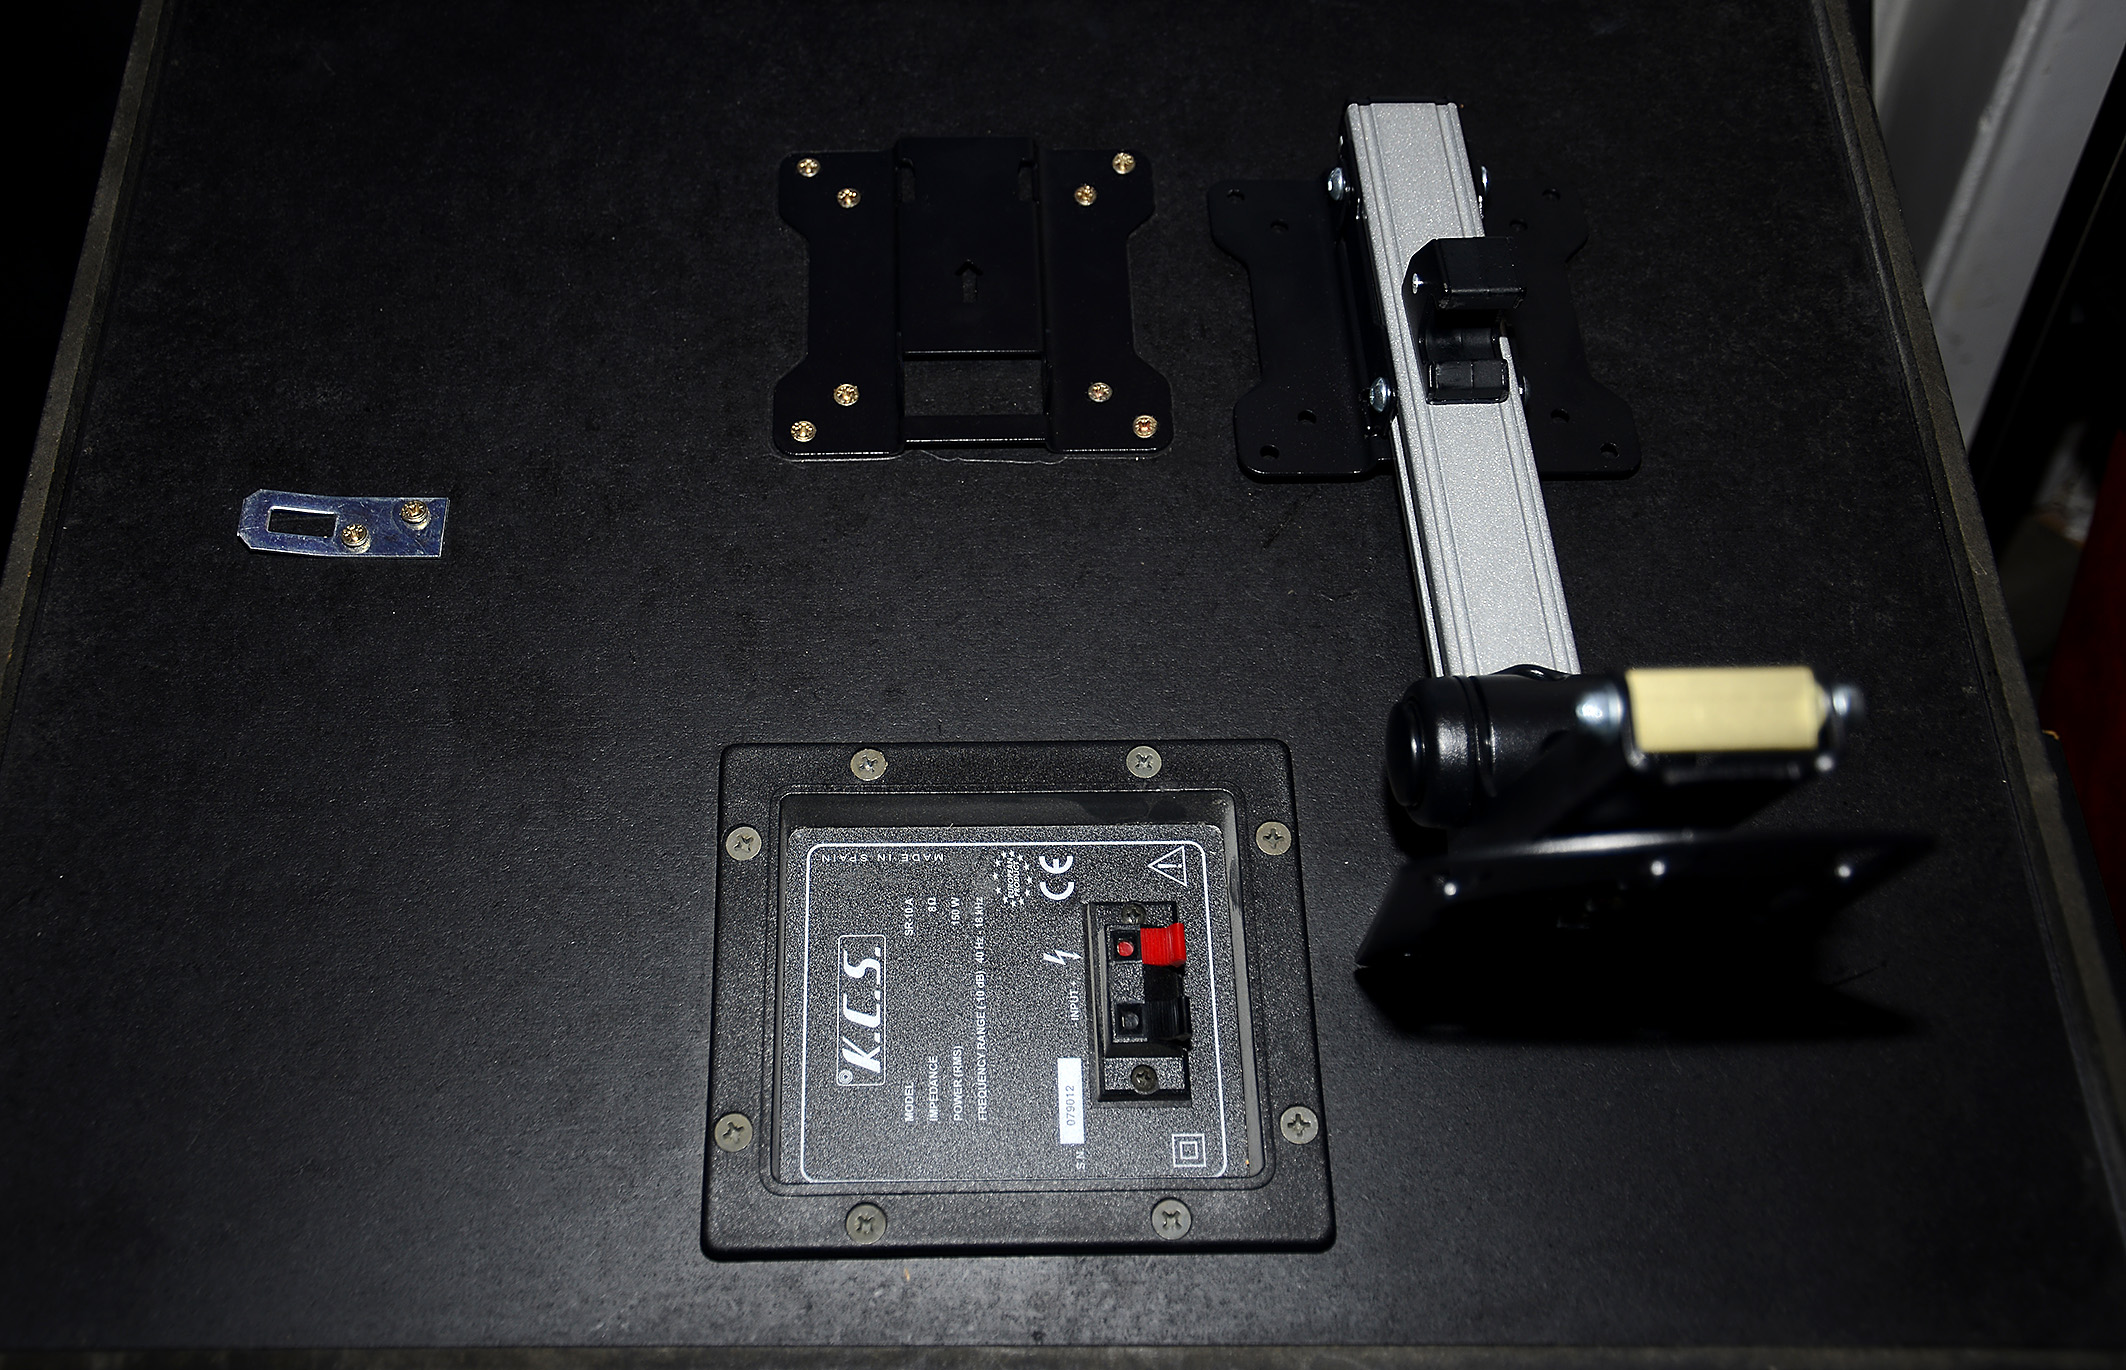 Foto: Michael B. Rehders Zunächst wird die Halteplatte auf die Rückseite der KCS SR-10-A geschraubt. Hierbei handelt es sich um eine Standard VESA TV-Halteplatte, die zum Lieferumfang der Deckenhalterung dazu gehört. Ebenso sämtliches Montagematerial. Allerdings habe ich die Schrauben durch gleich lange Holzschrauben ersetzt, weil diese in die Deckenbalken gedreht werden.